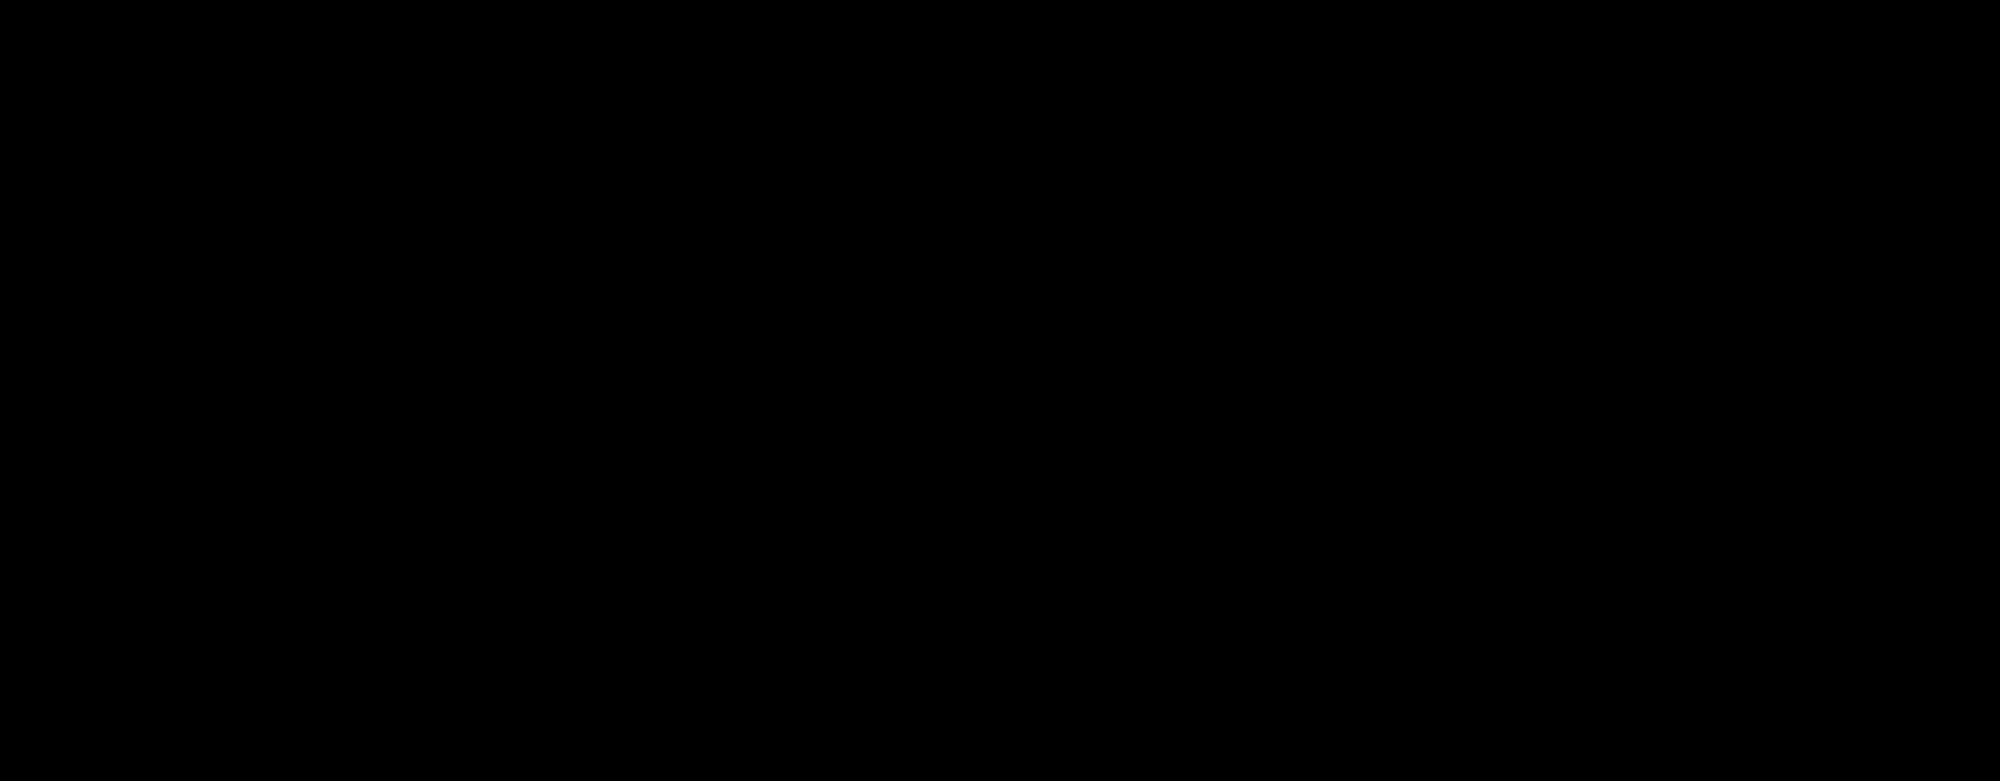 PARKFAIRFAX.COM-logo-black.png